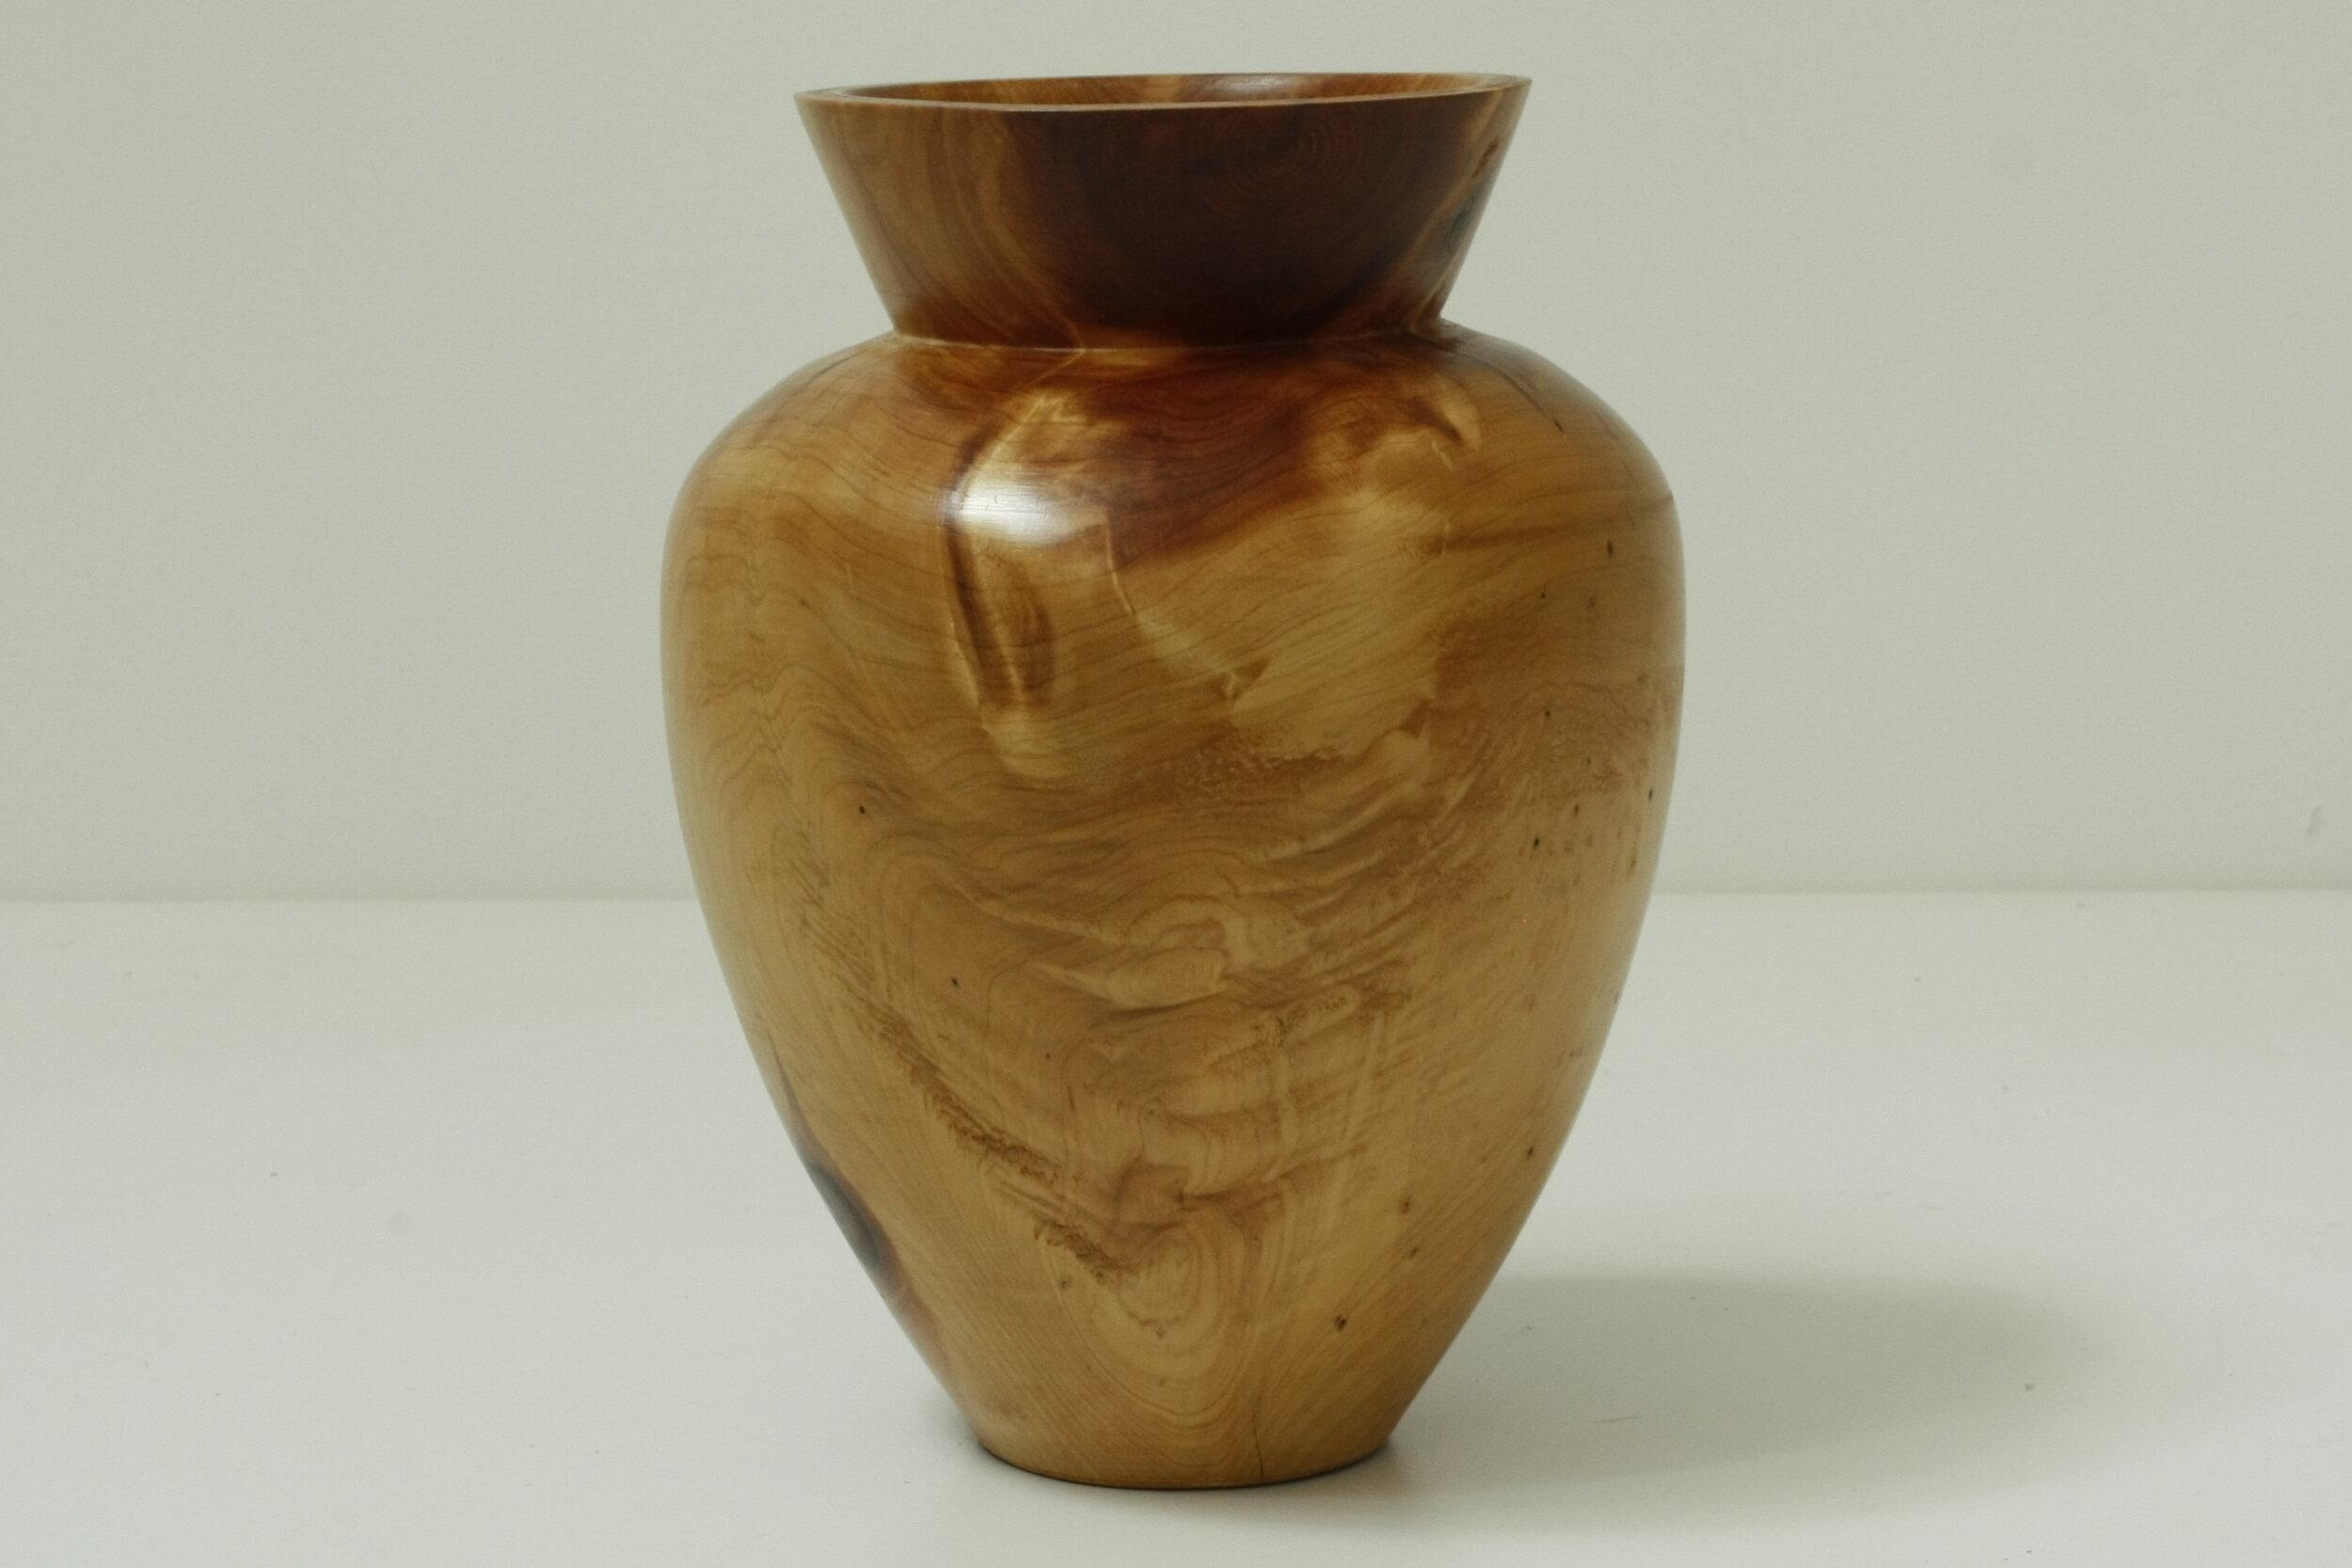 Joseph mcgill - cedar vase.jpg